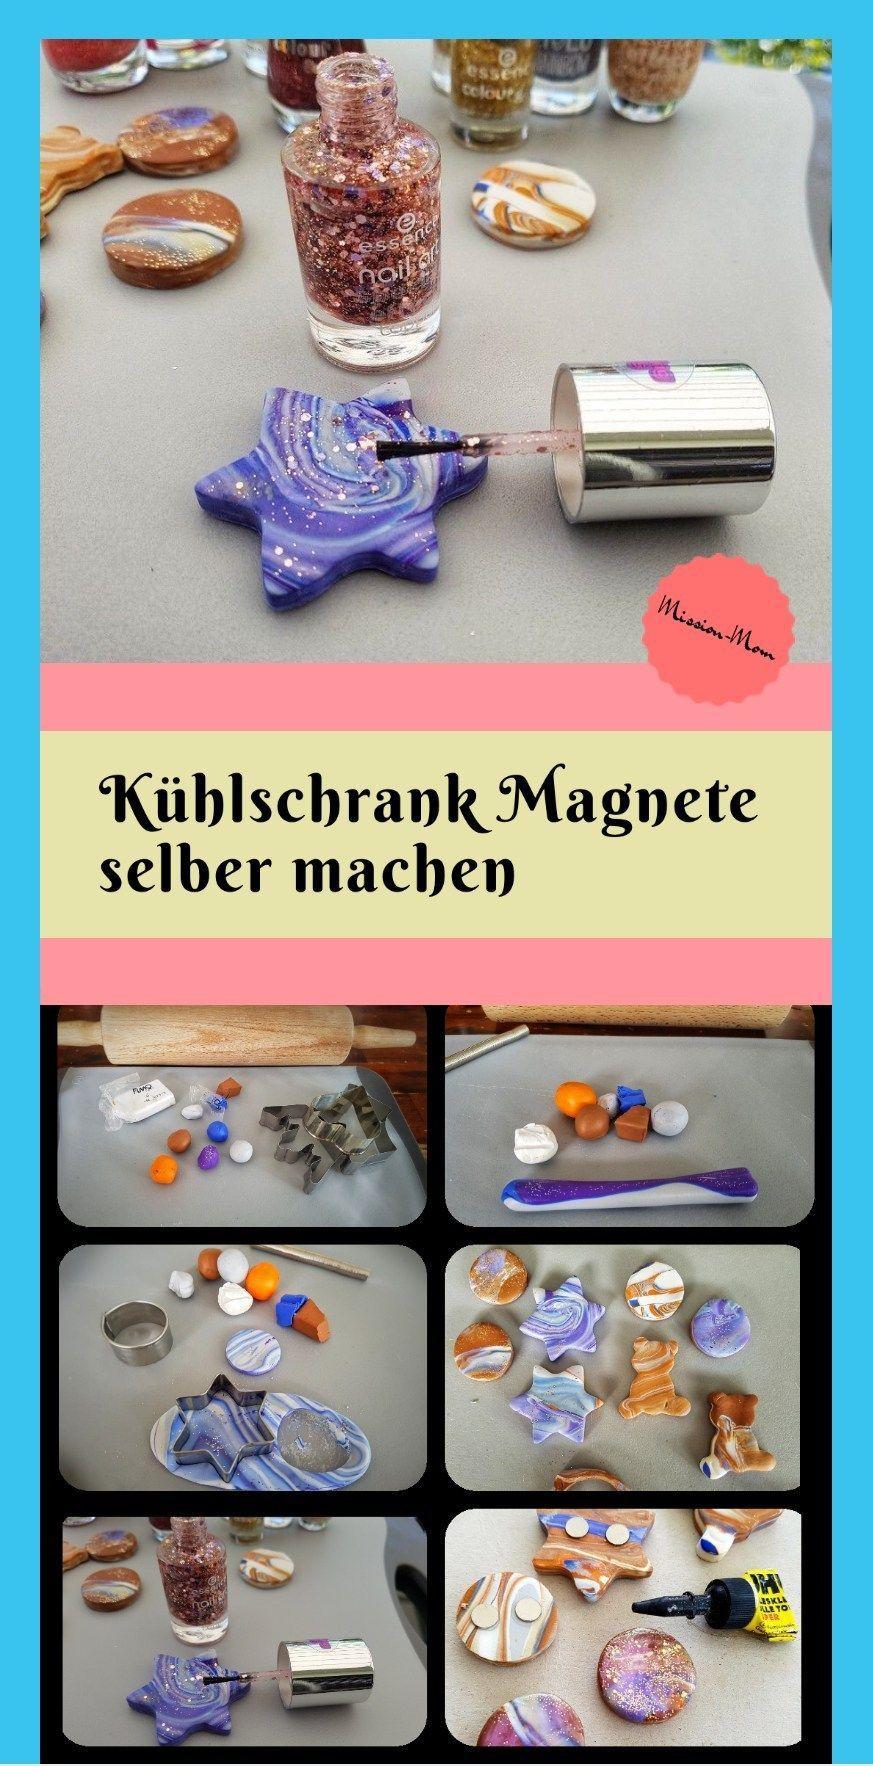 DIY Magnete aus Fimo-ein tolles Geschenk mit Kindern basteln * Mission Mom %